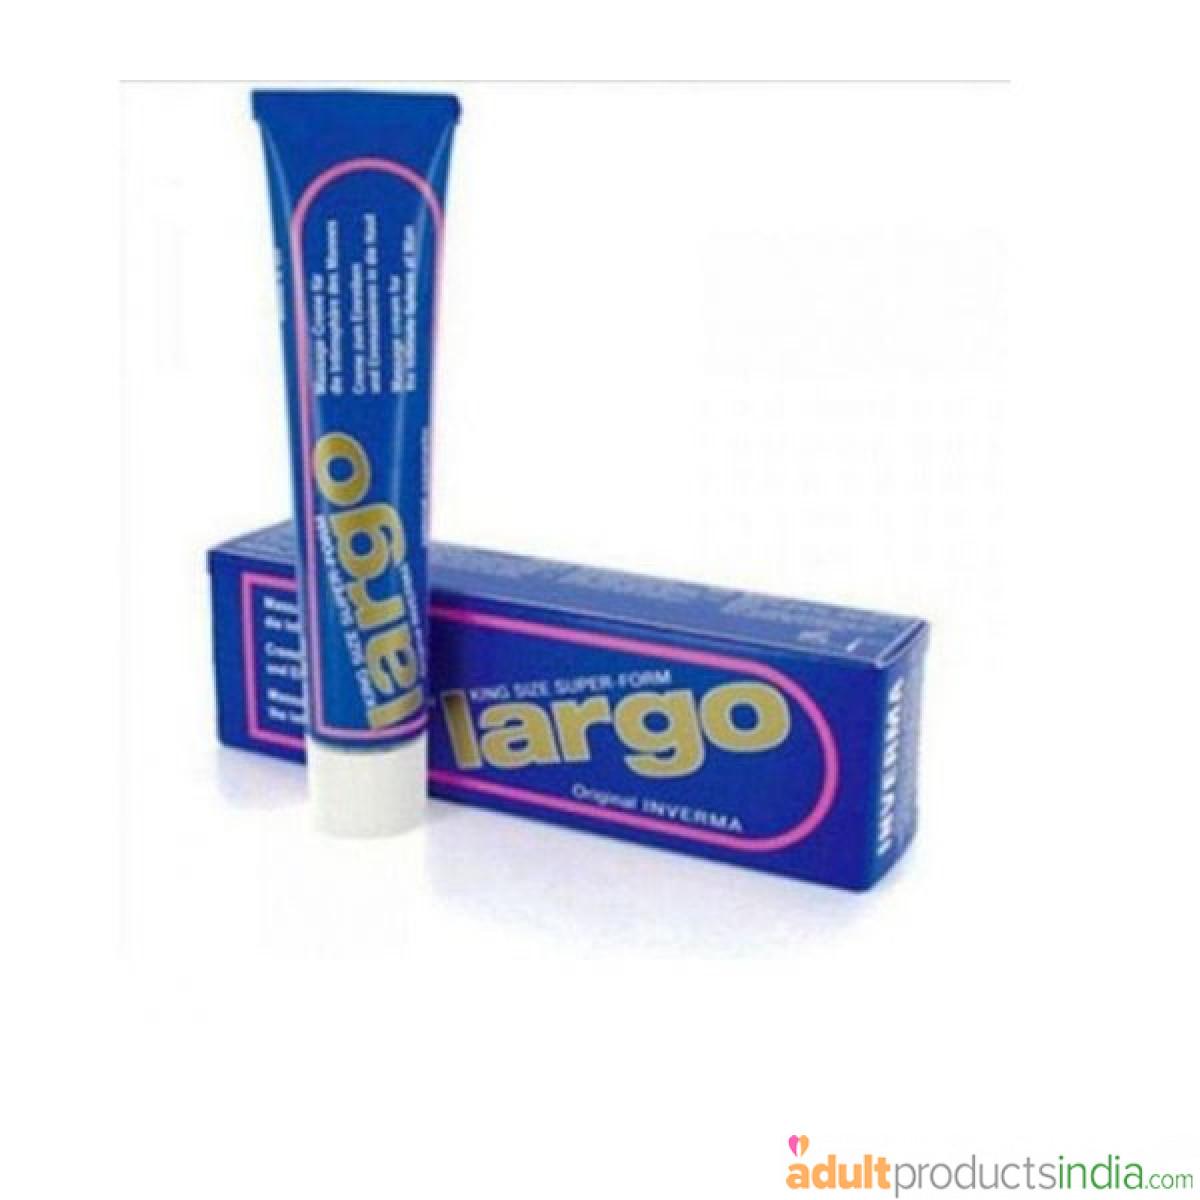 Largo Penis Enlargement Cream